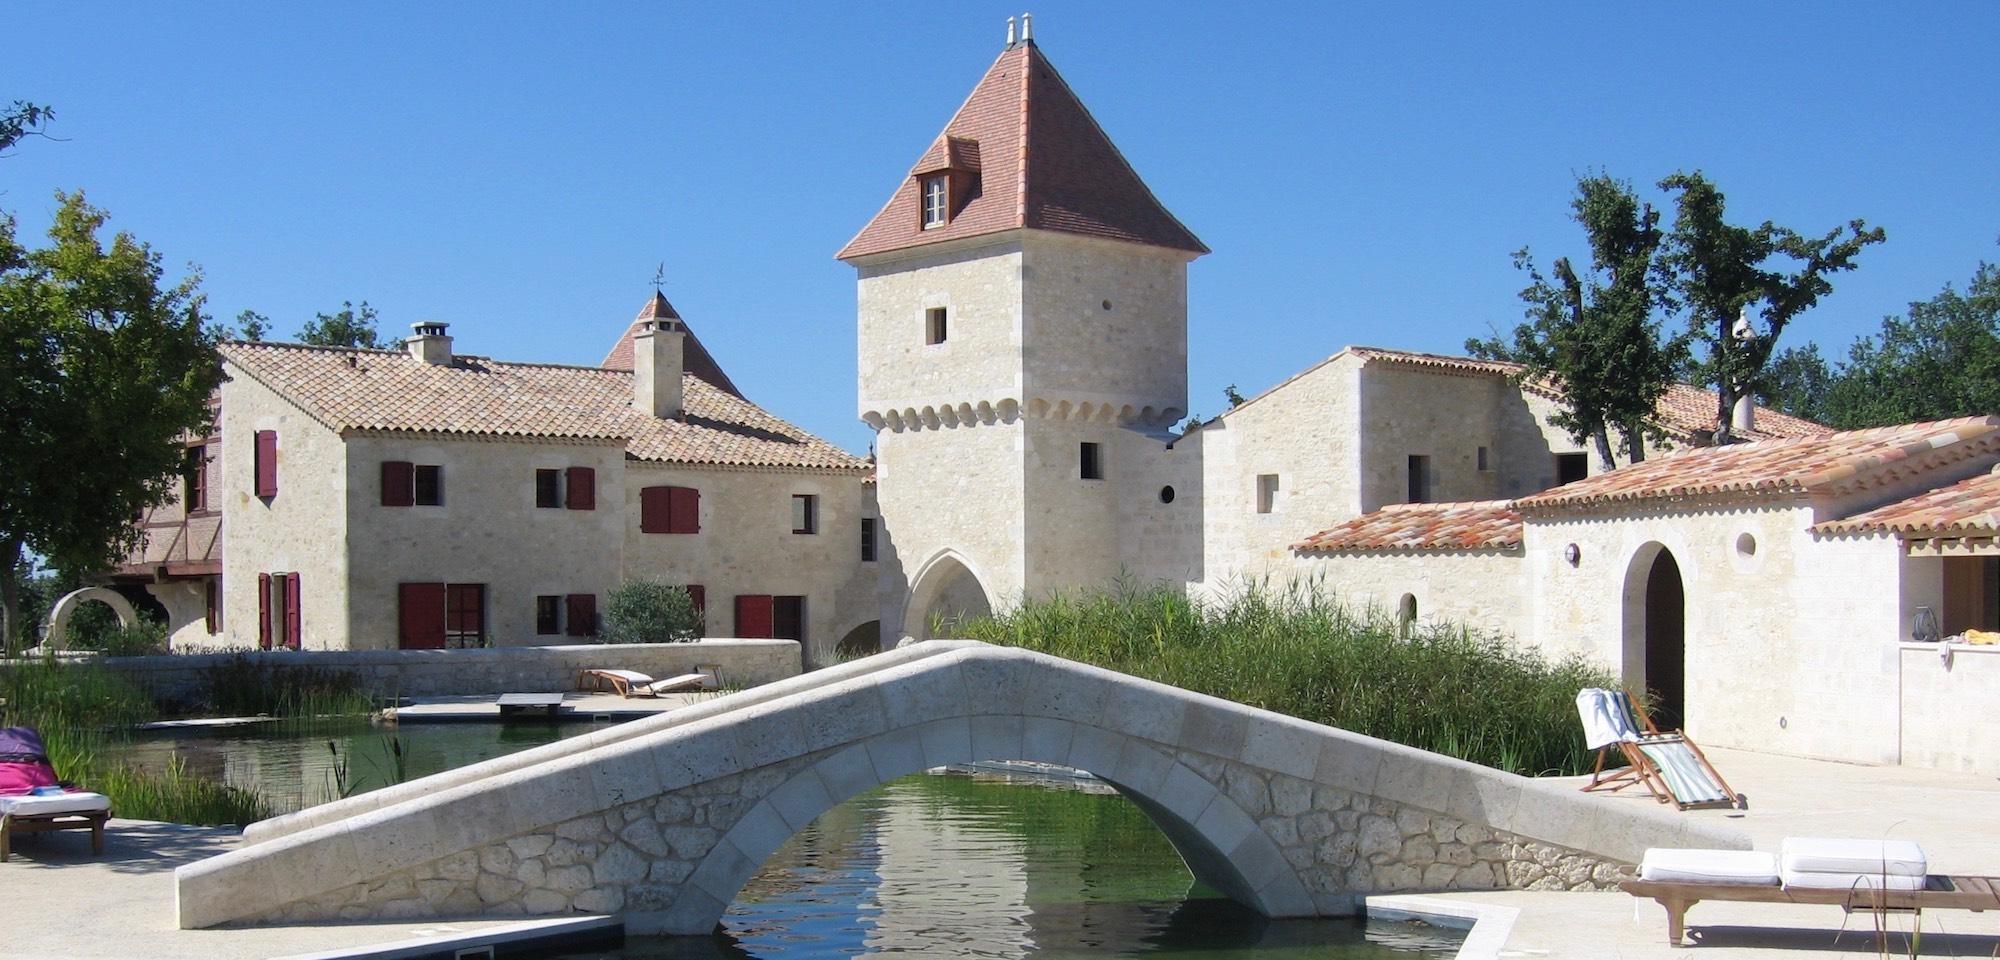 piscine naturelle hameau guirauton jeune confort luxe 2000x960 - Gers - Château de Guirauton